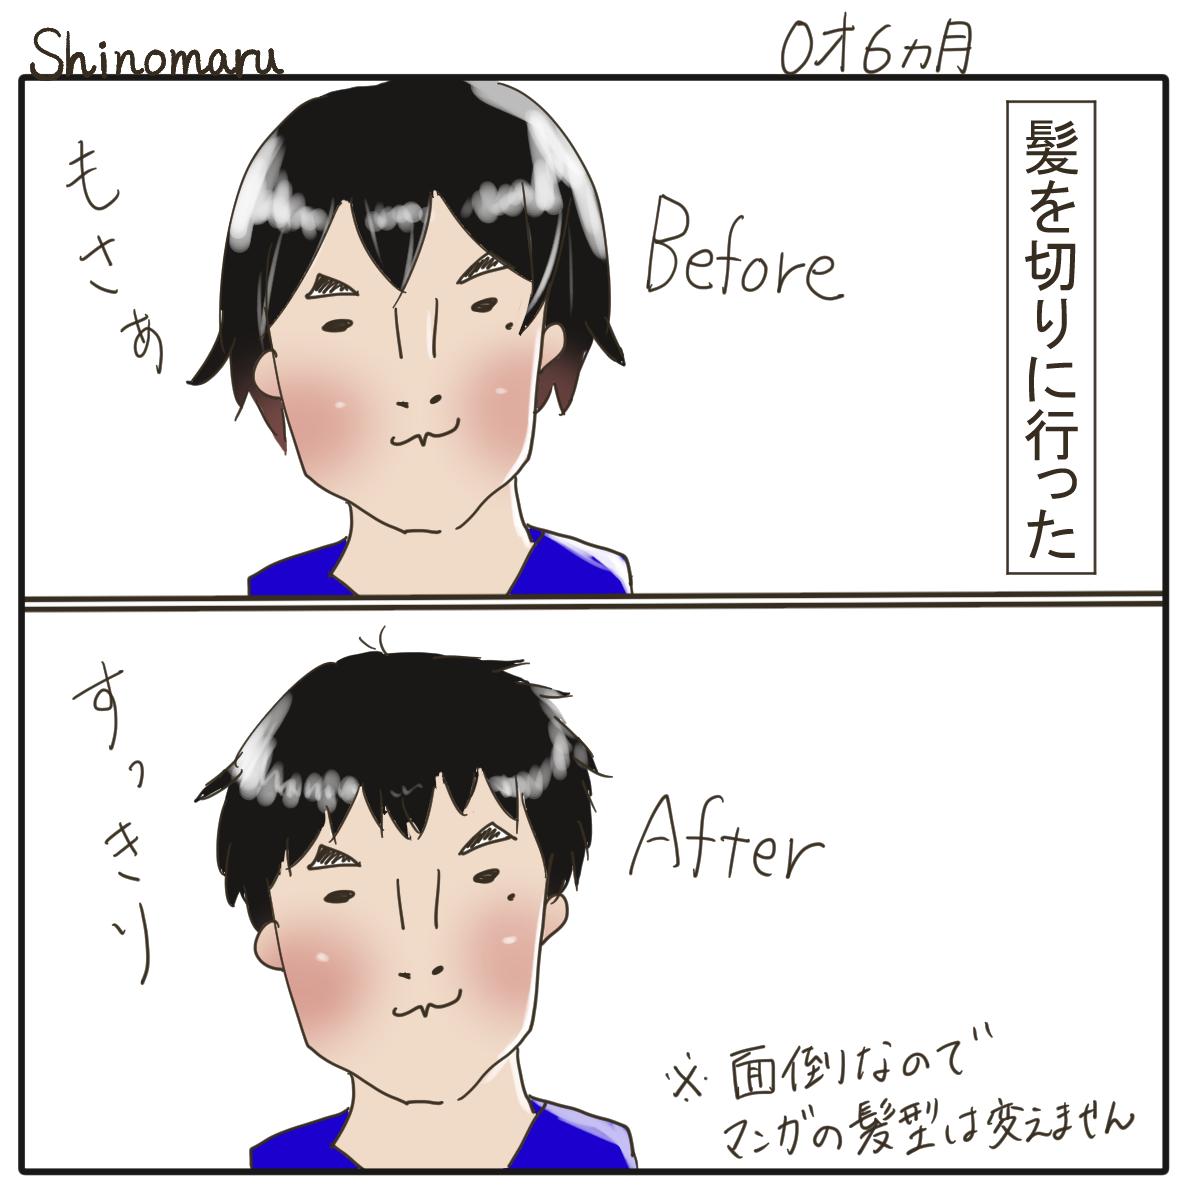 f:id:Shinomaru:20210510223044p:plain